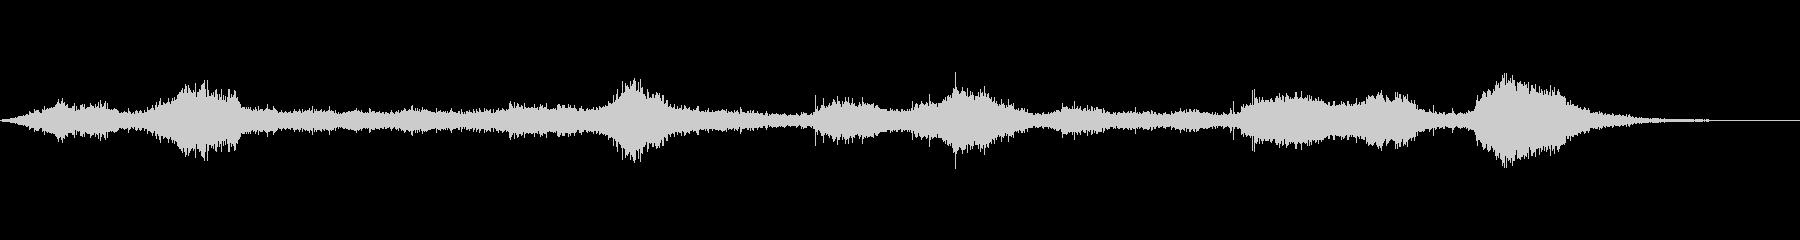 【自然音】穏やかな波 波打ち際_1の未再生の波形